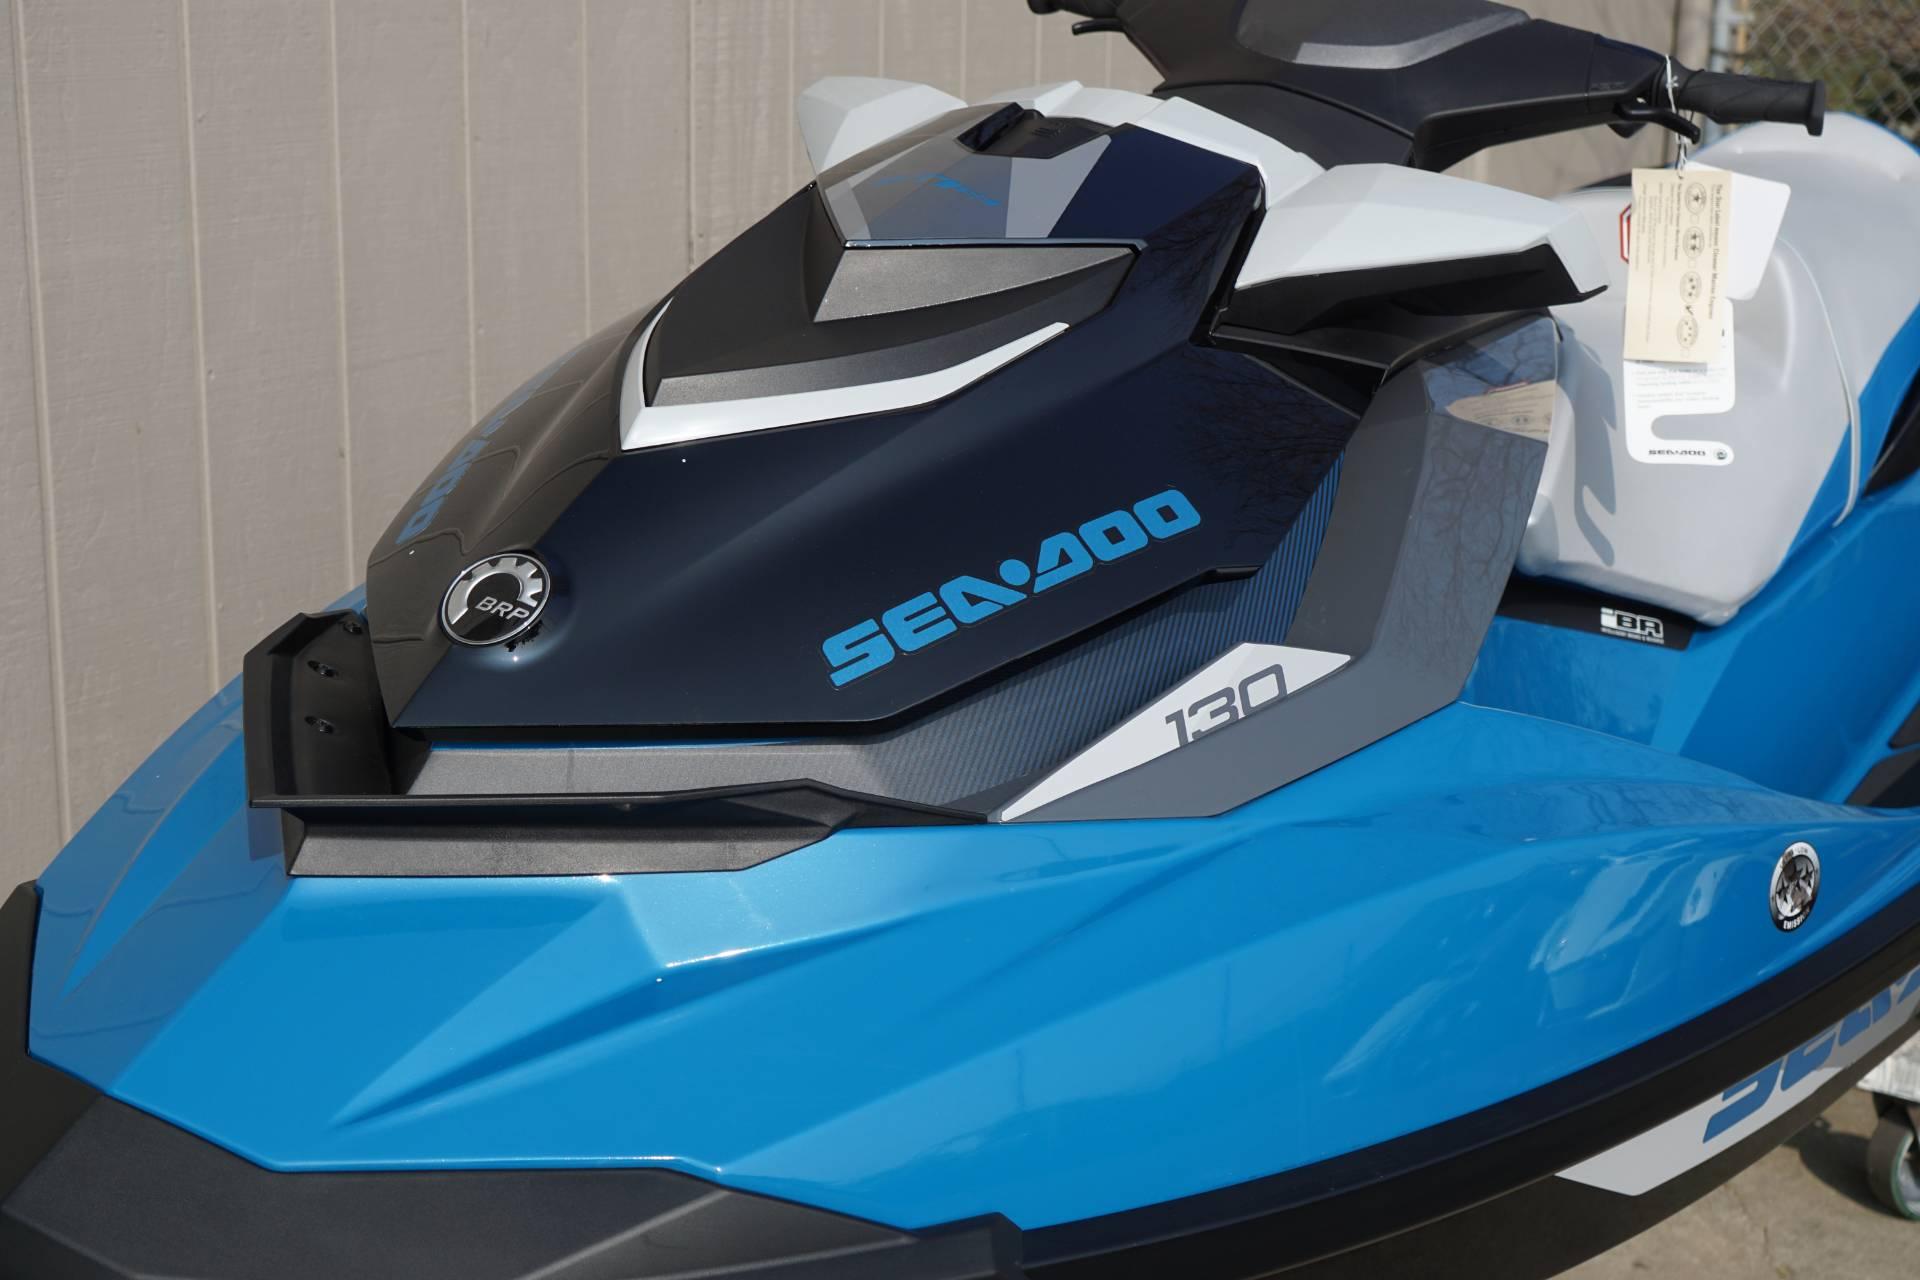 2018 Sea-Doo GTI SE 130 8